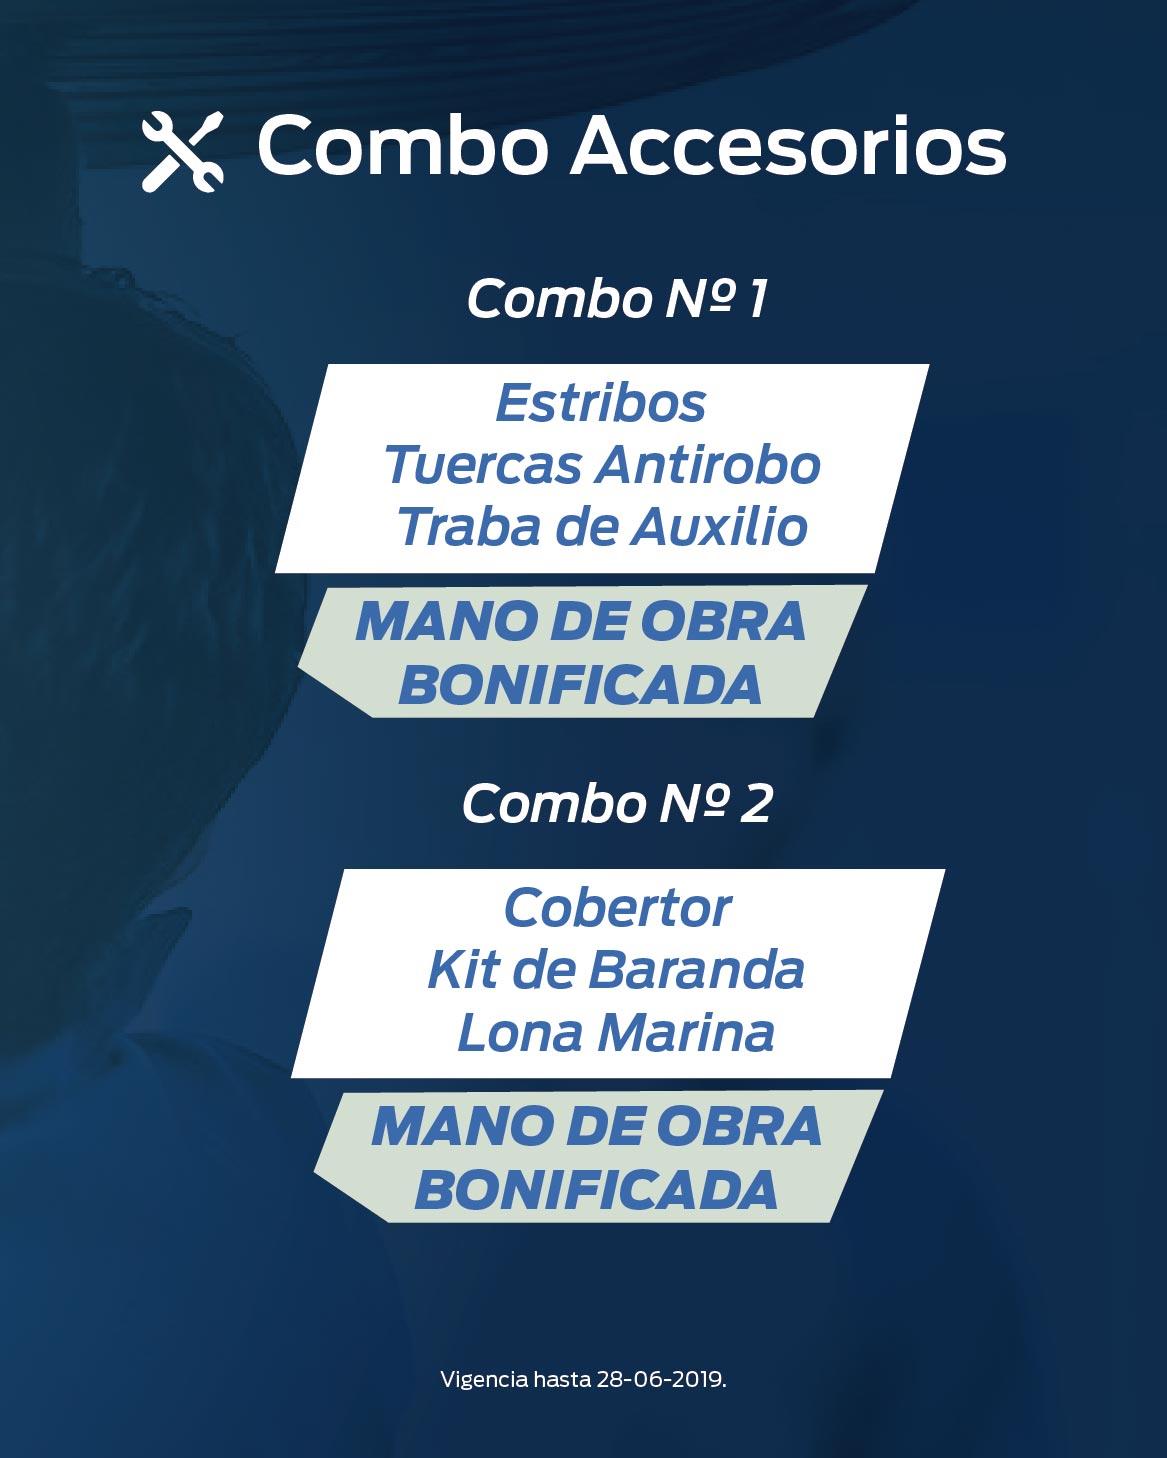 Promo Servicio Combo accesorios (06/06/2019)